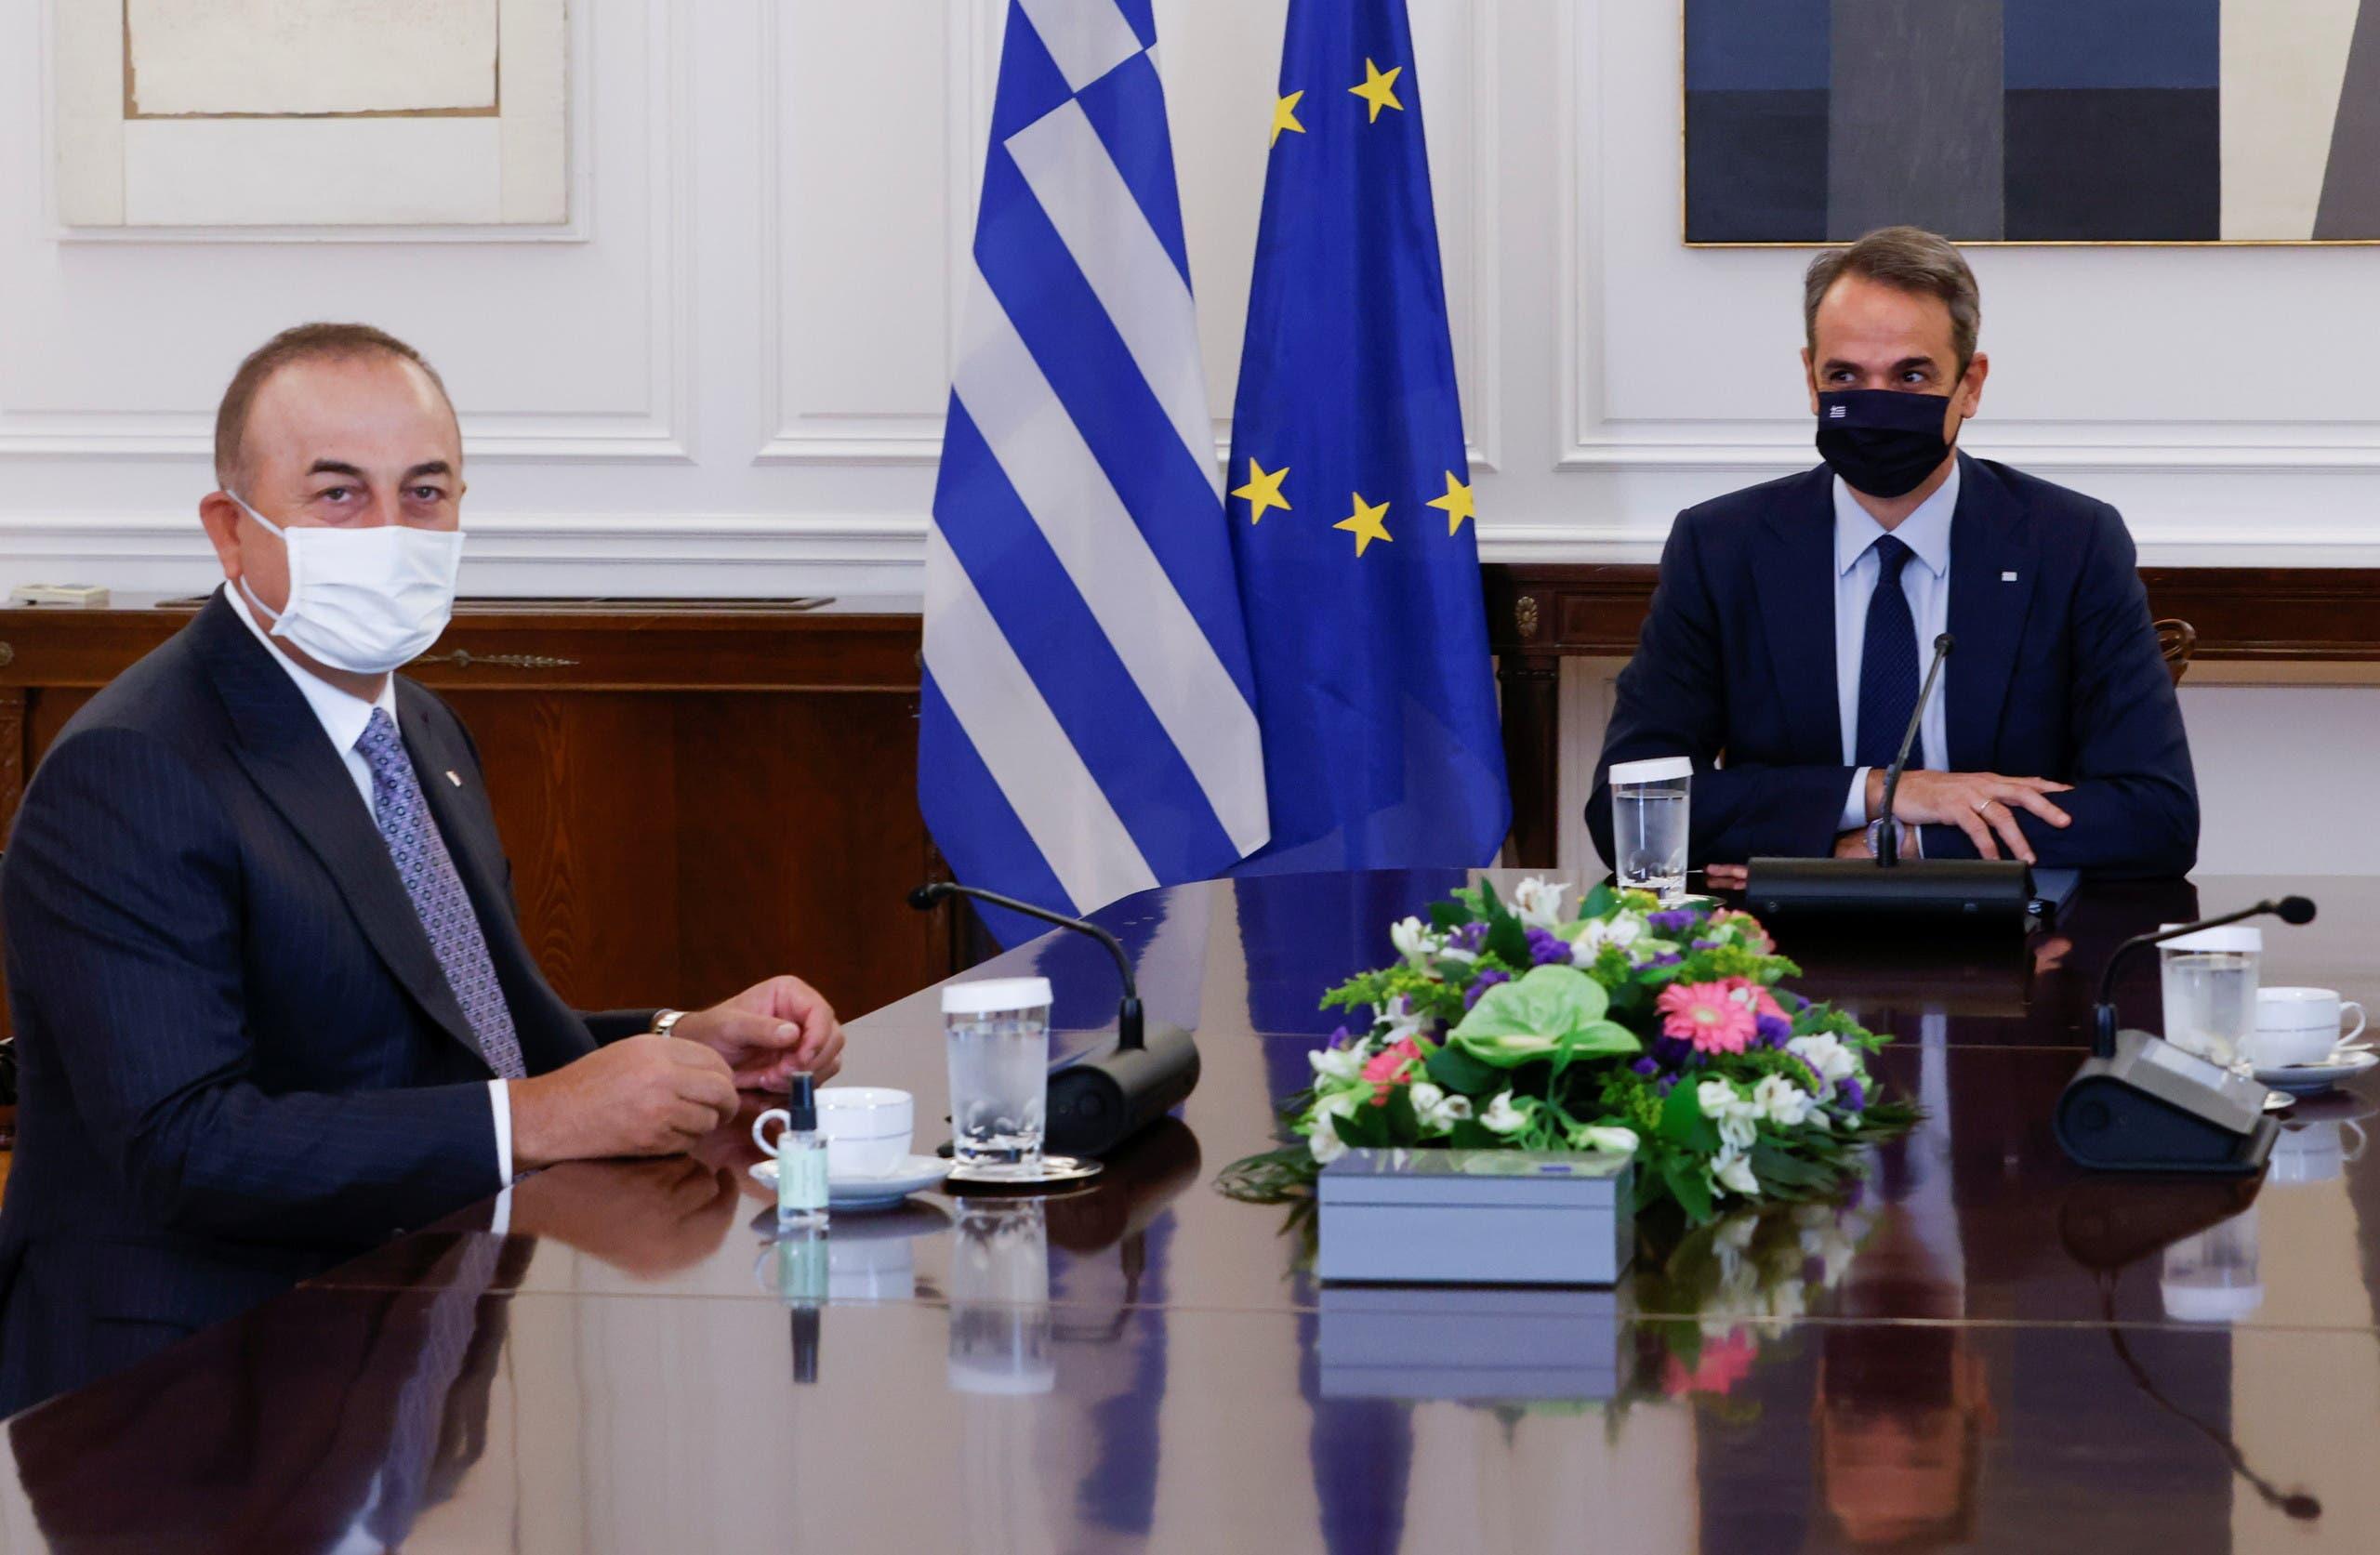 من لقاء مولود تشاوش أوغلو برئيس الوزراء اليوناني كيرياكوس ميتسوتاكيس